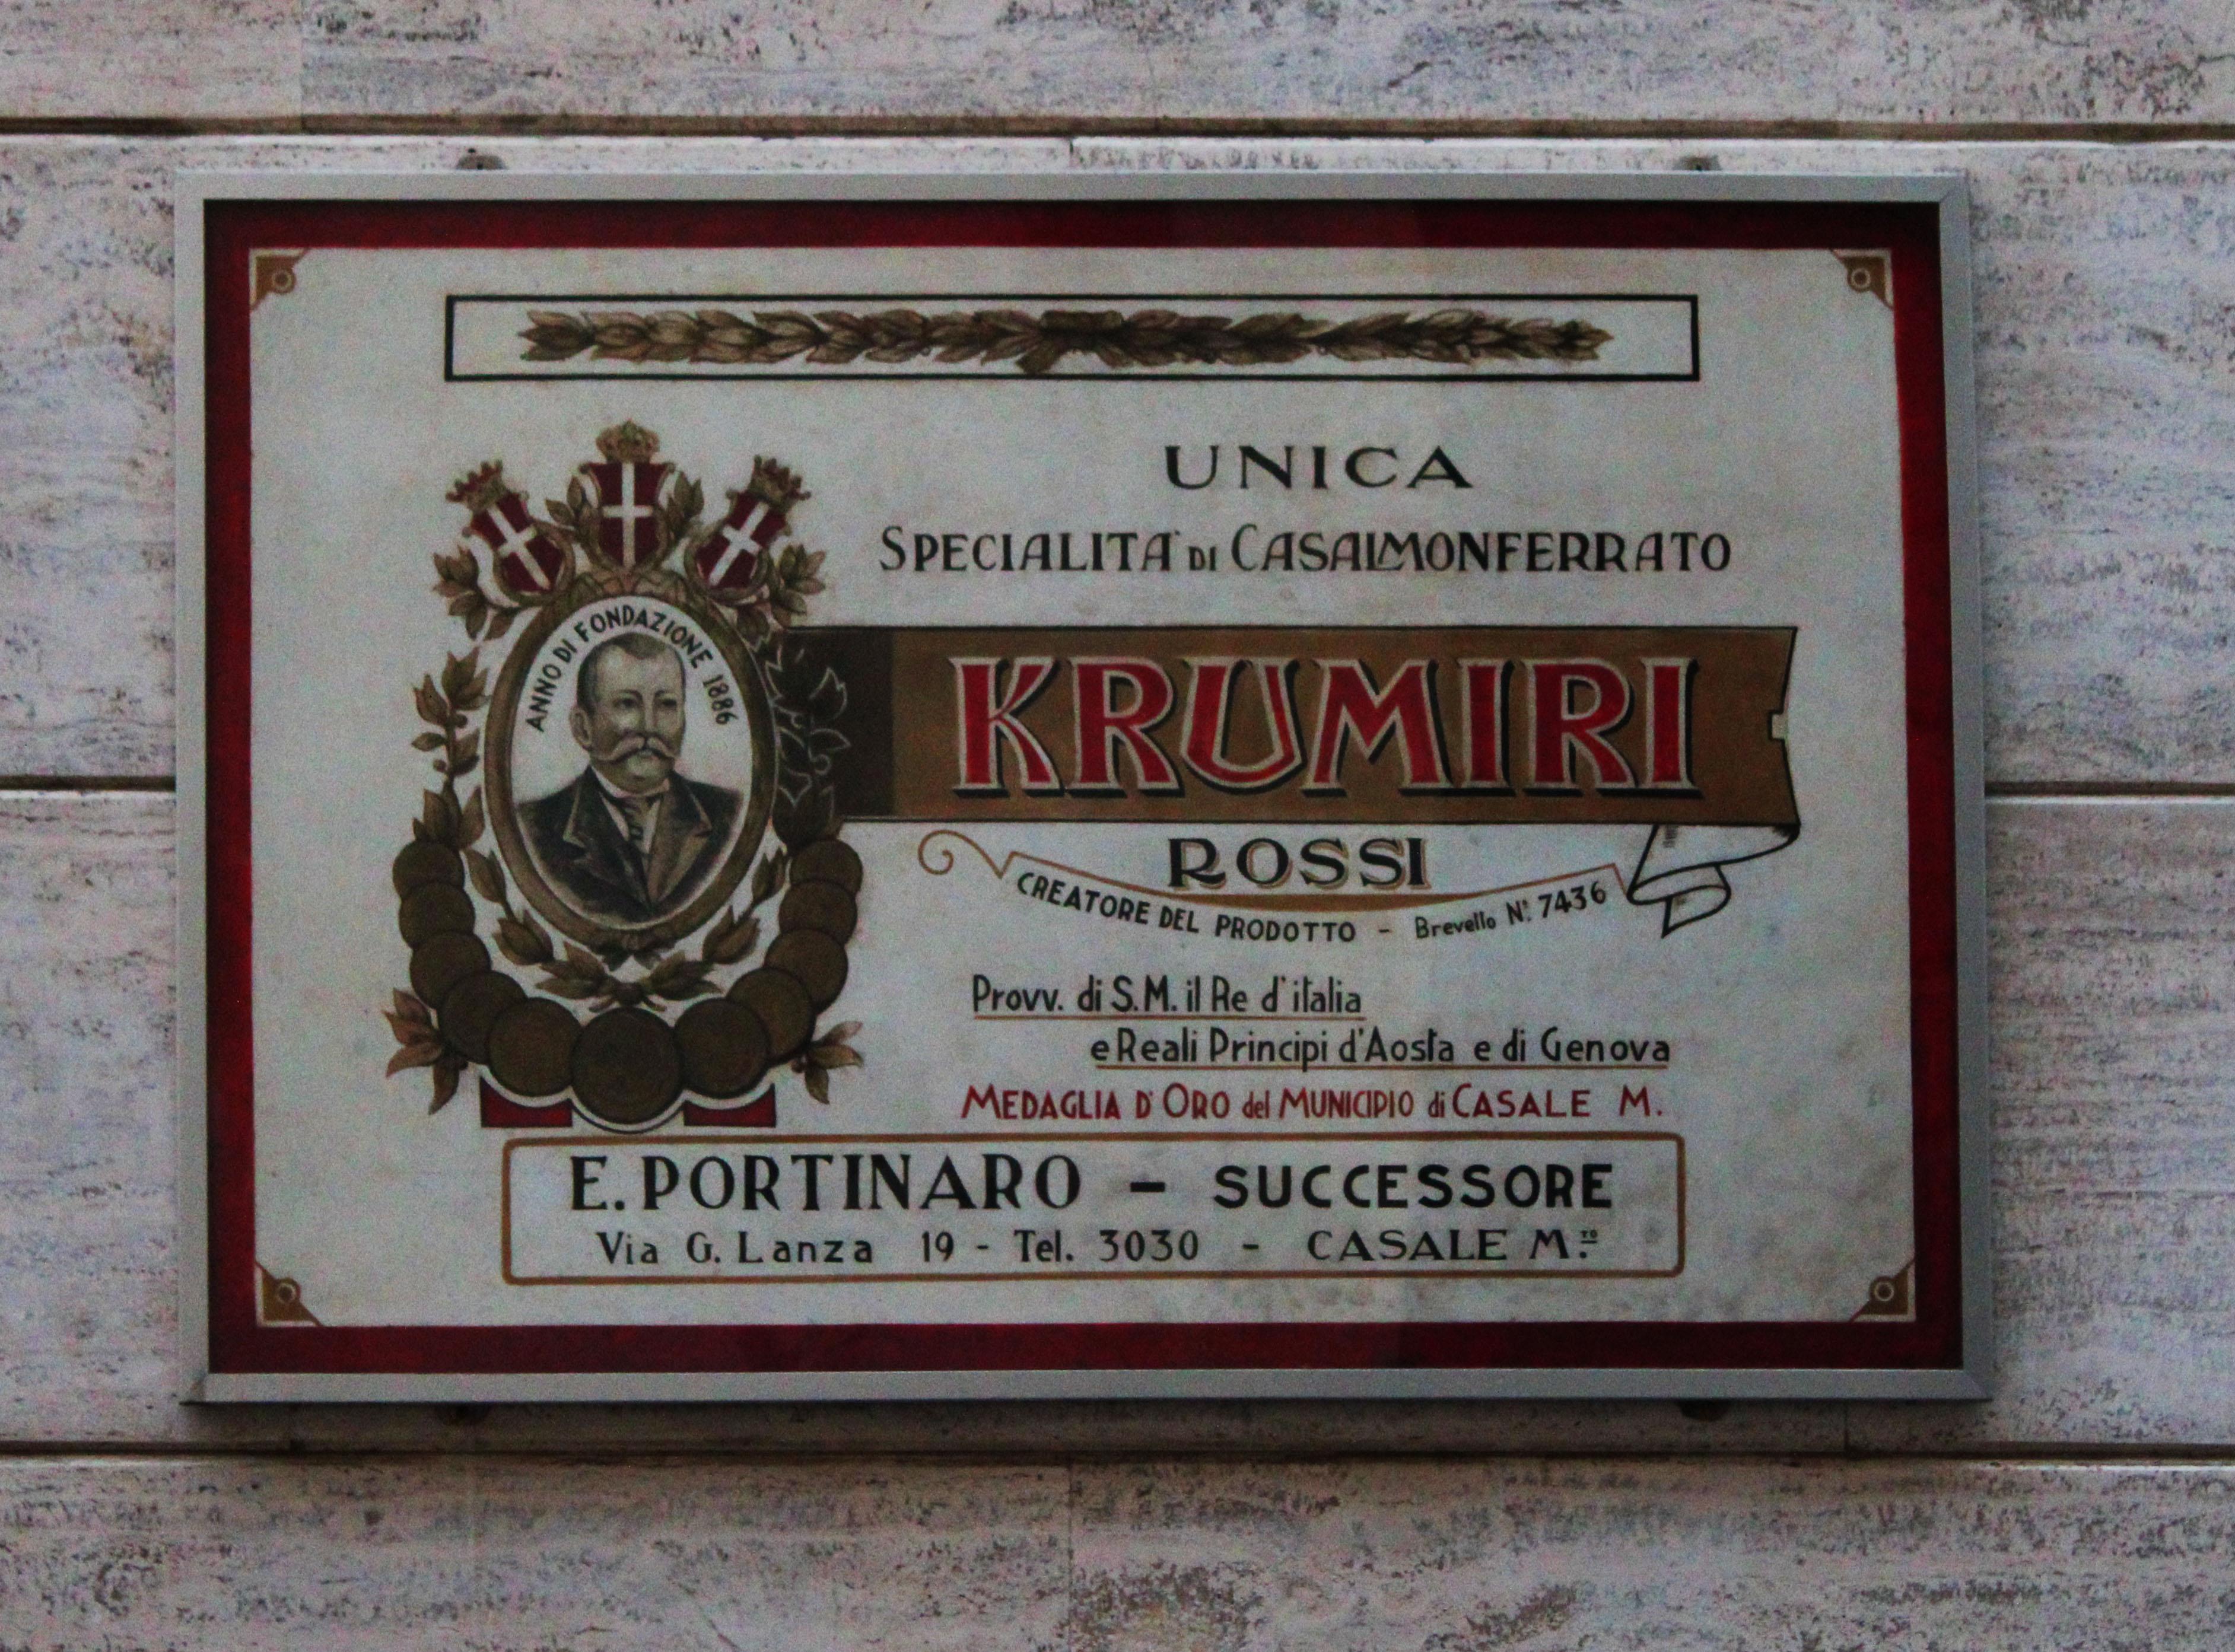 negozizo krumiri rossi casale monferrato